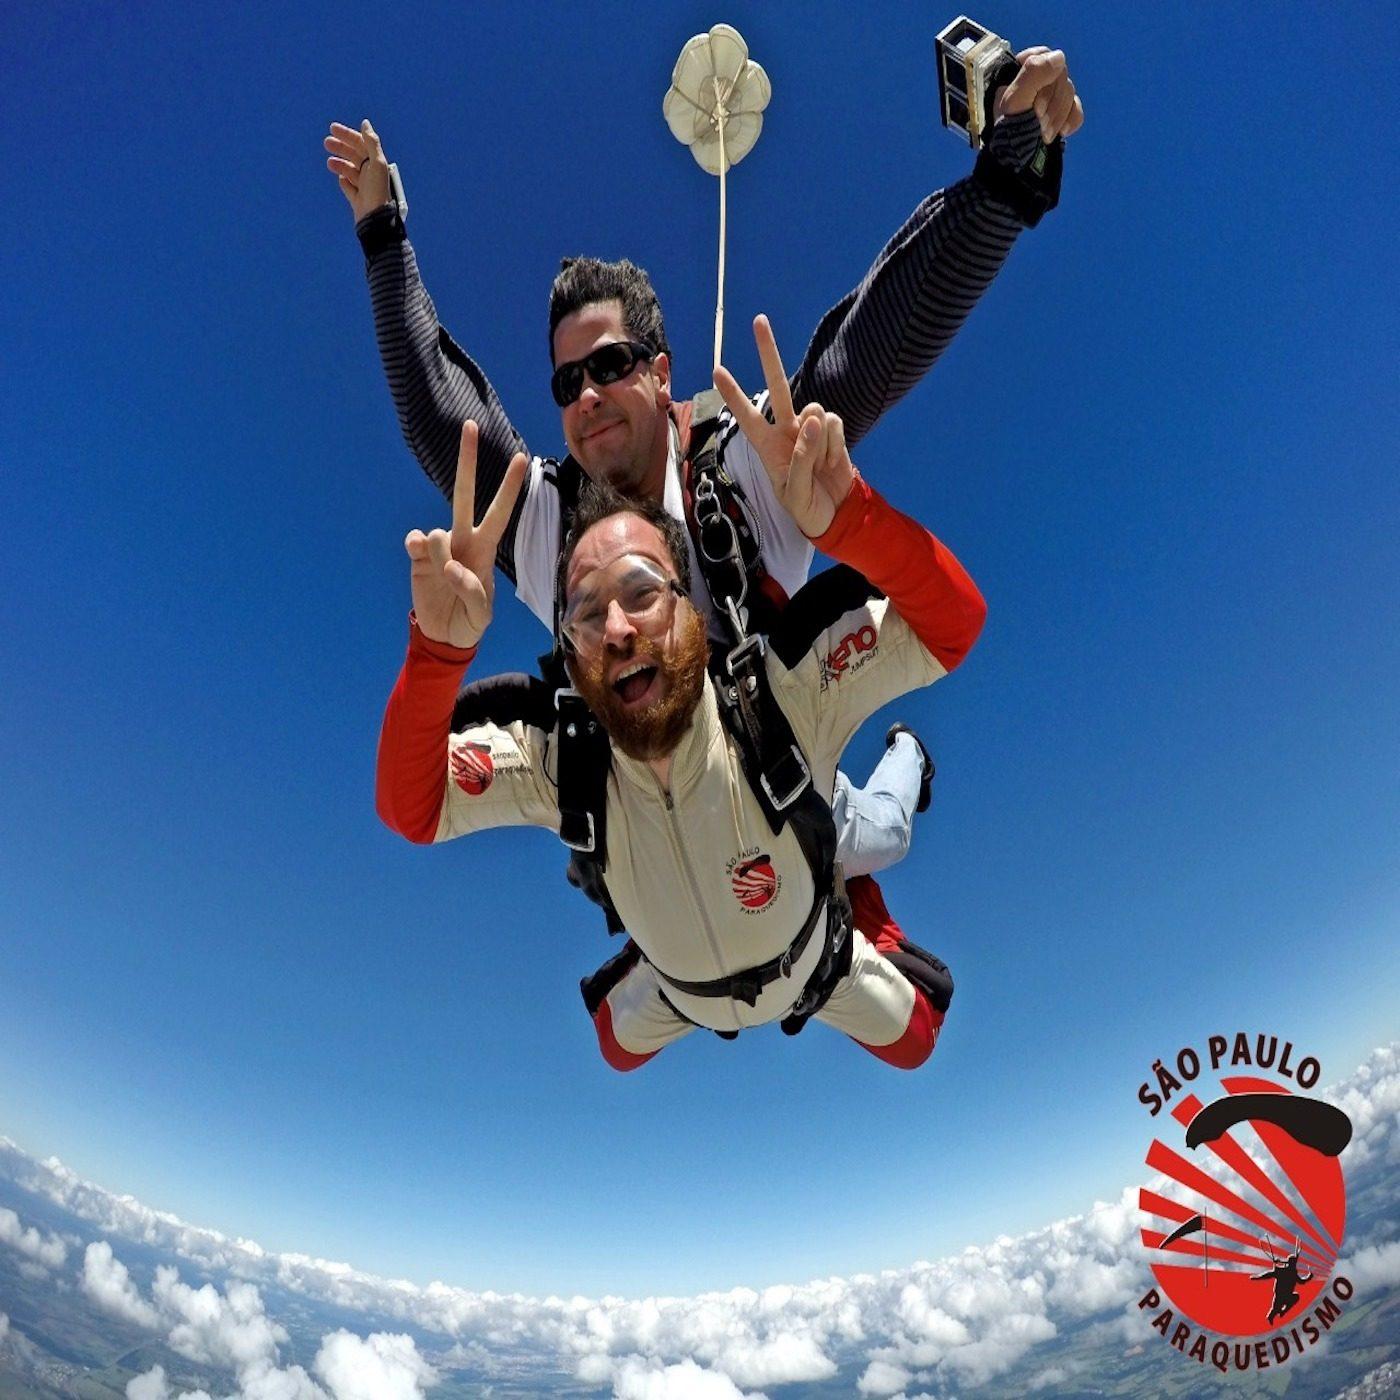 Salto de Paraquedas com Fotos e Filmagem (Handycam) Boituva-SP